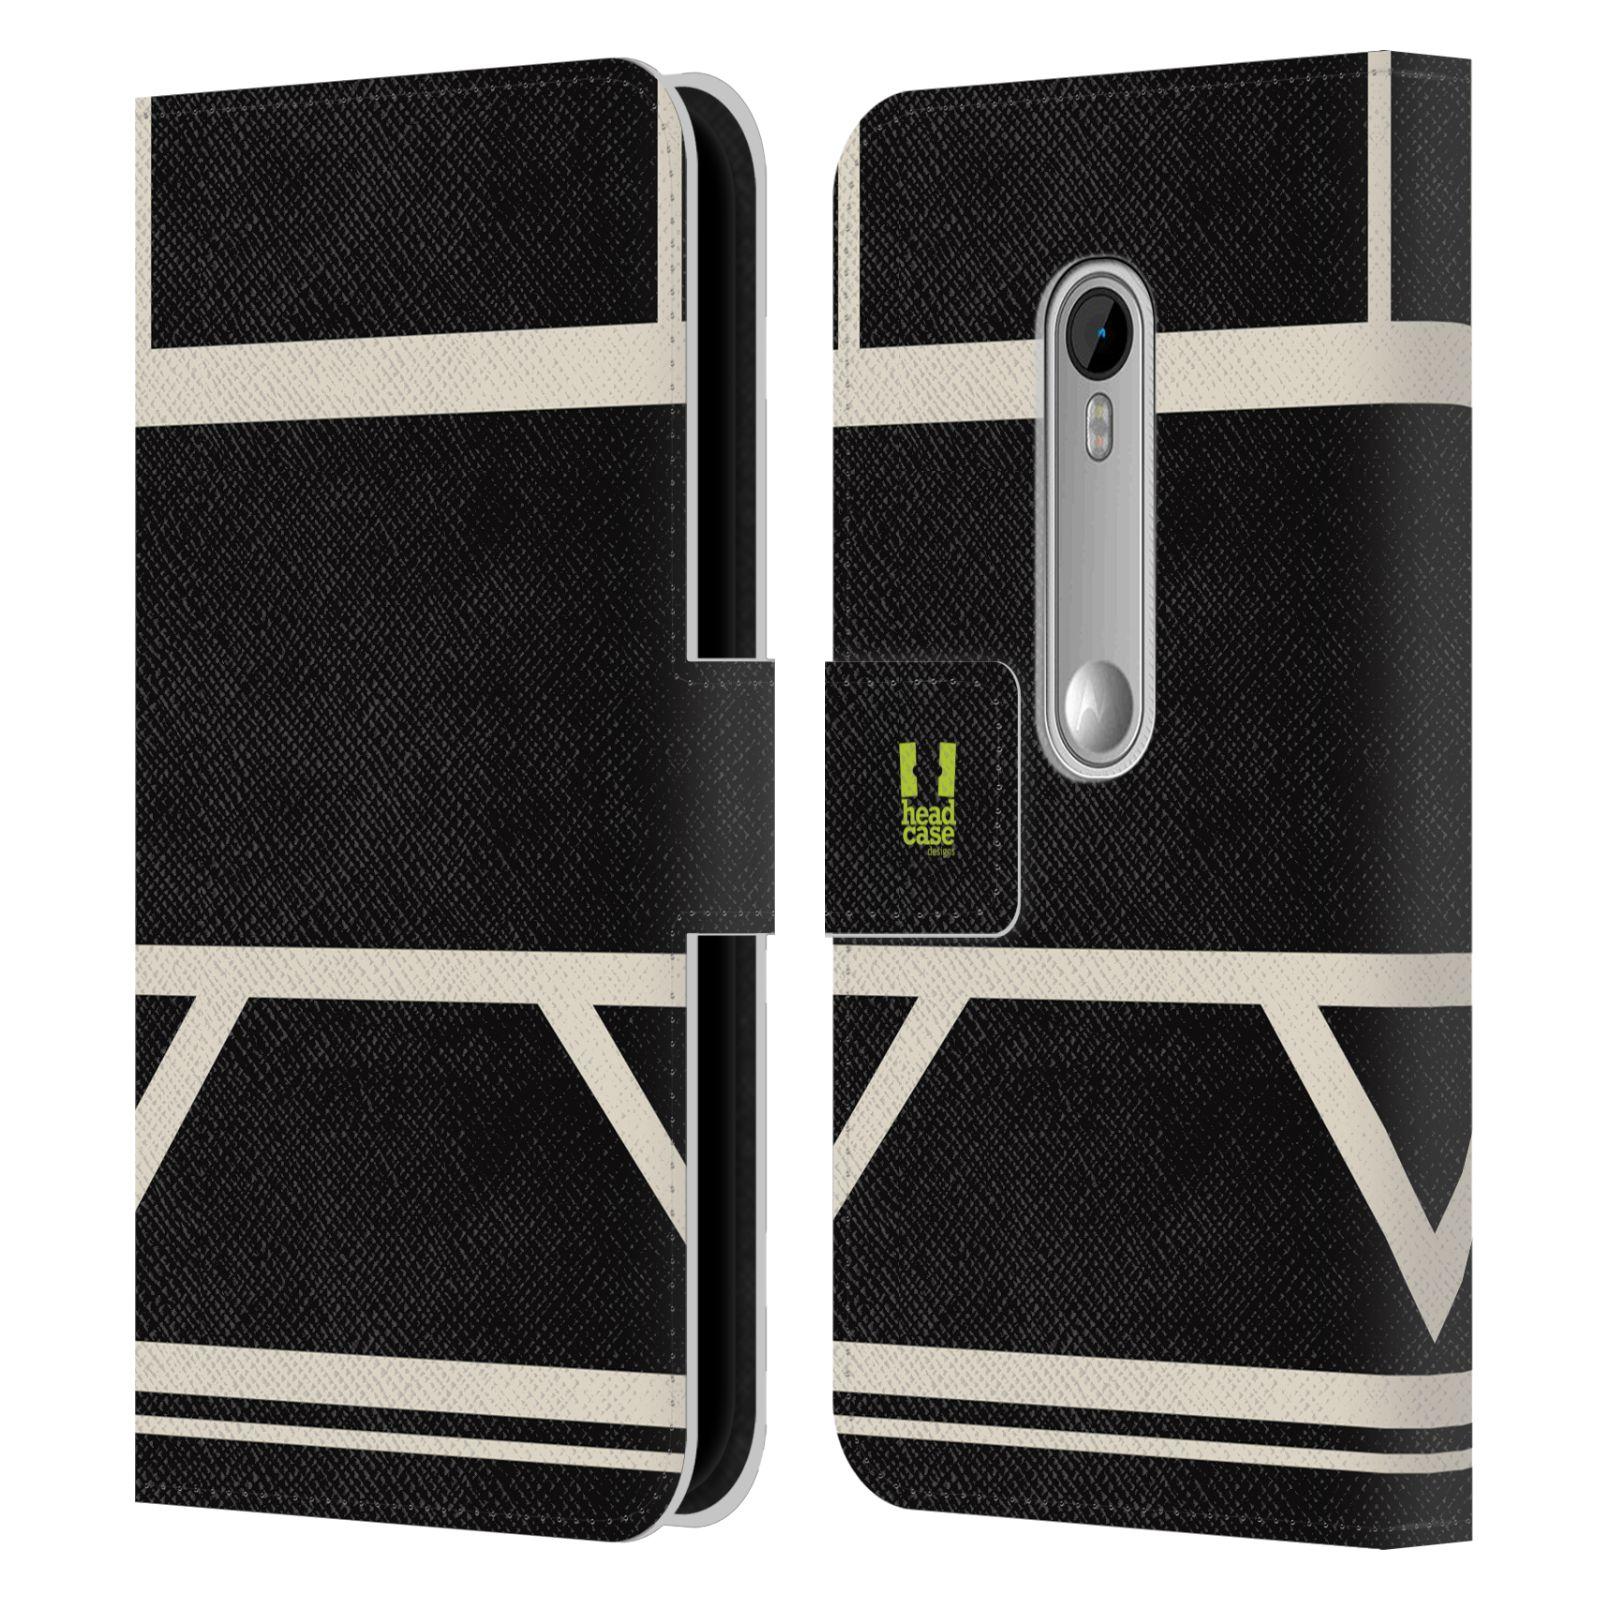 HEAD CASE Flipové pouzdro pro mobil Motorola MOTO G 3RD GENERATION barevné tvary černá a bílá proužek